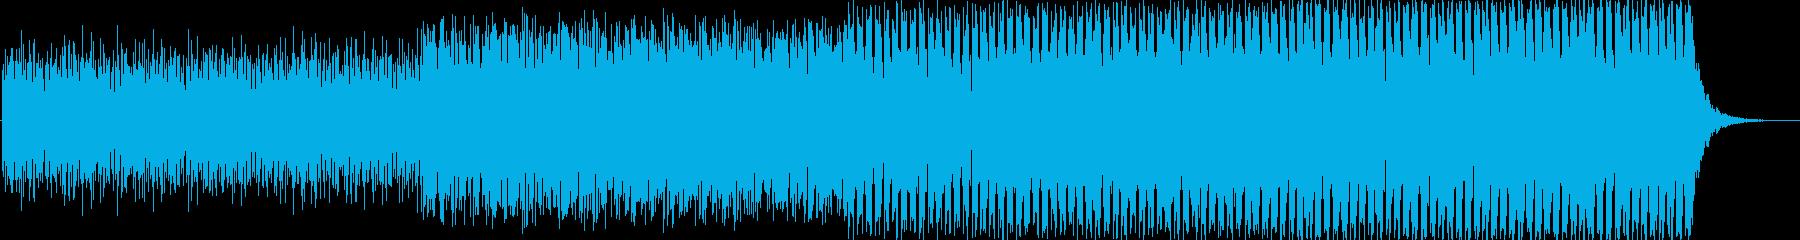 疾走感エレクトロニカ ゲームバトルシーンの再生済みの波形